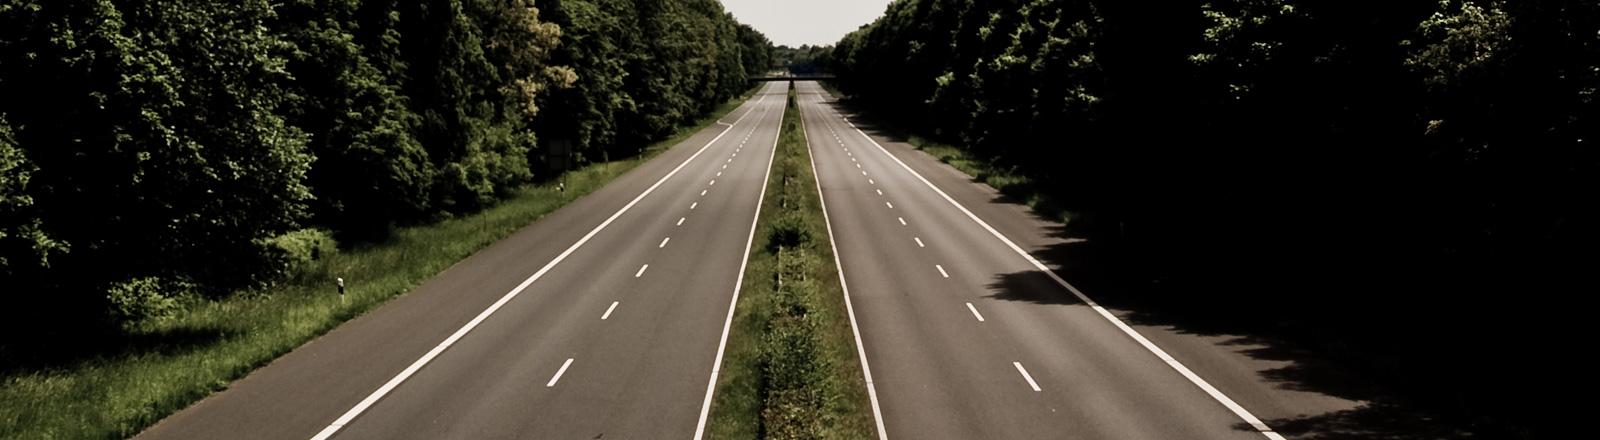 Eine Autobahn ohne Autos